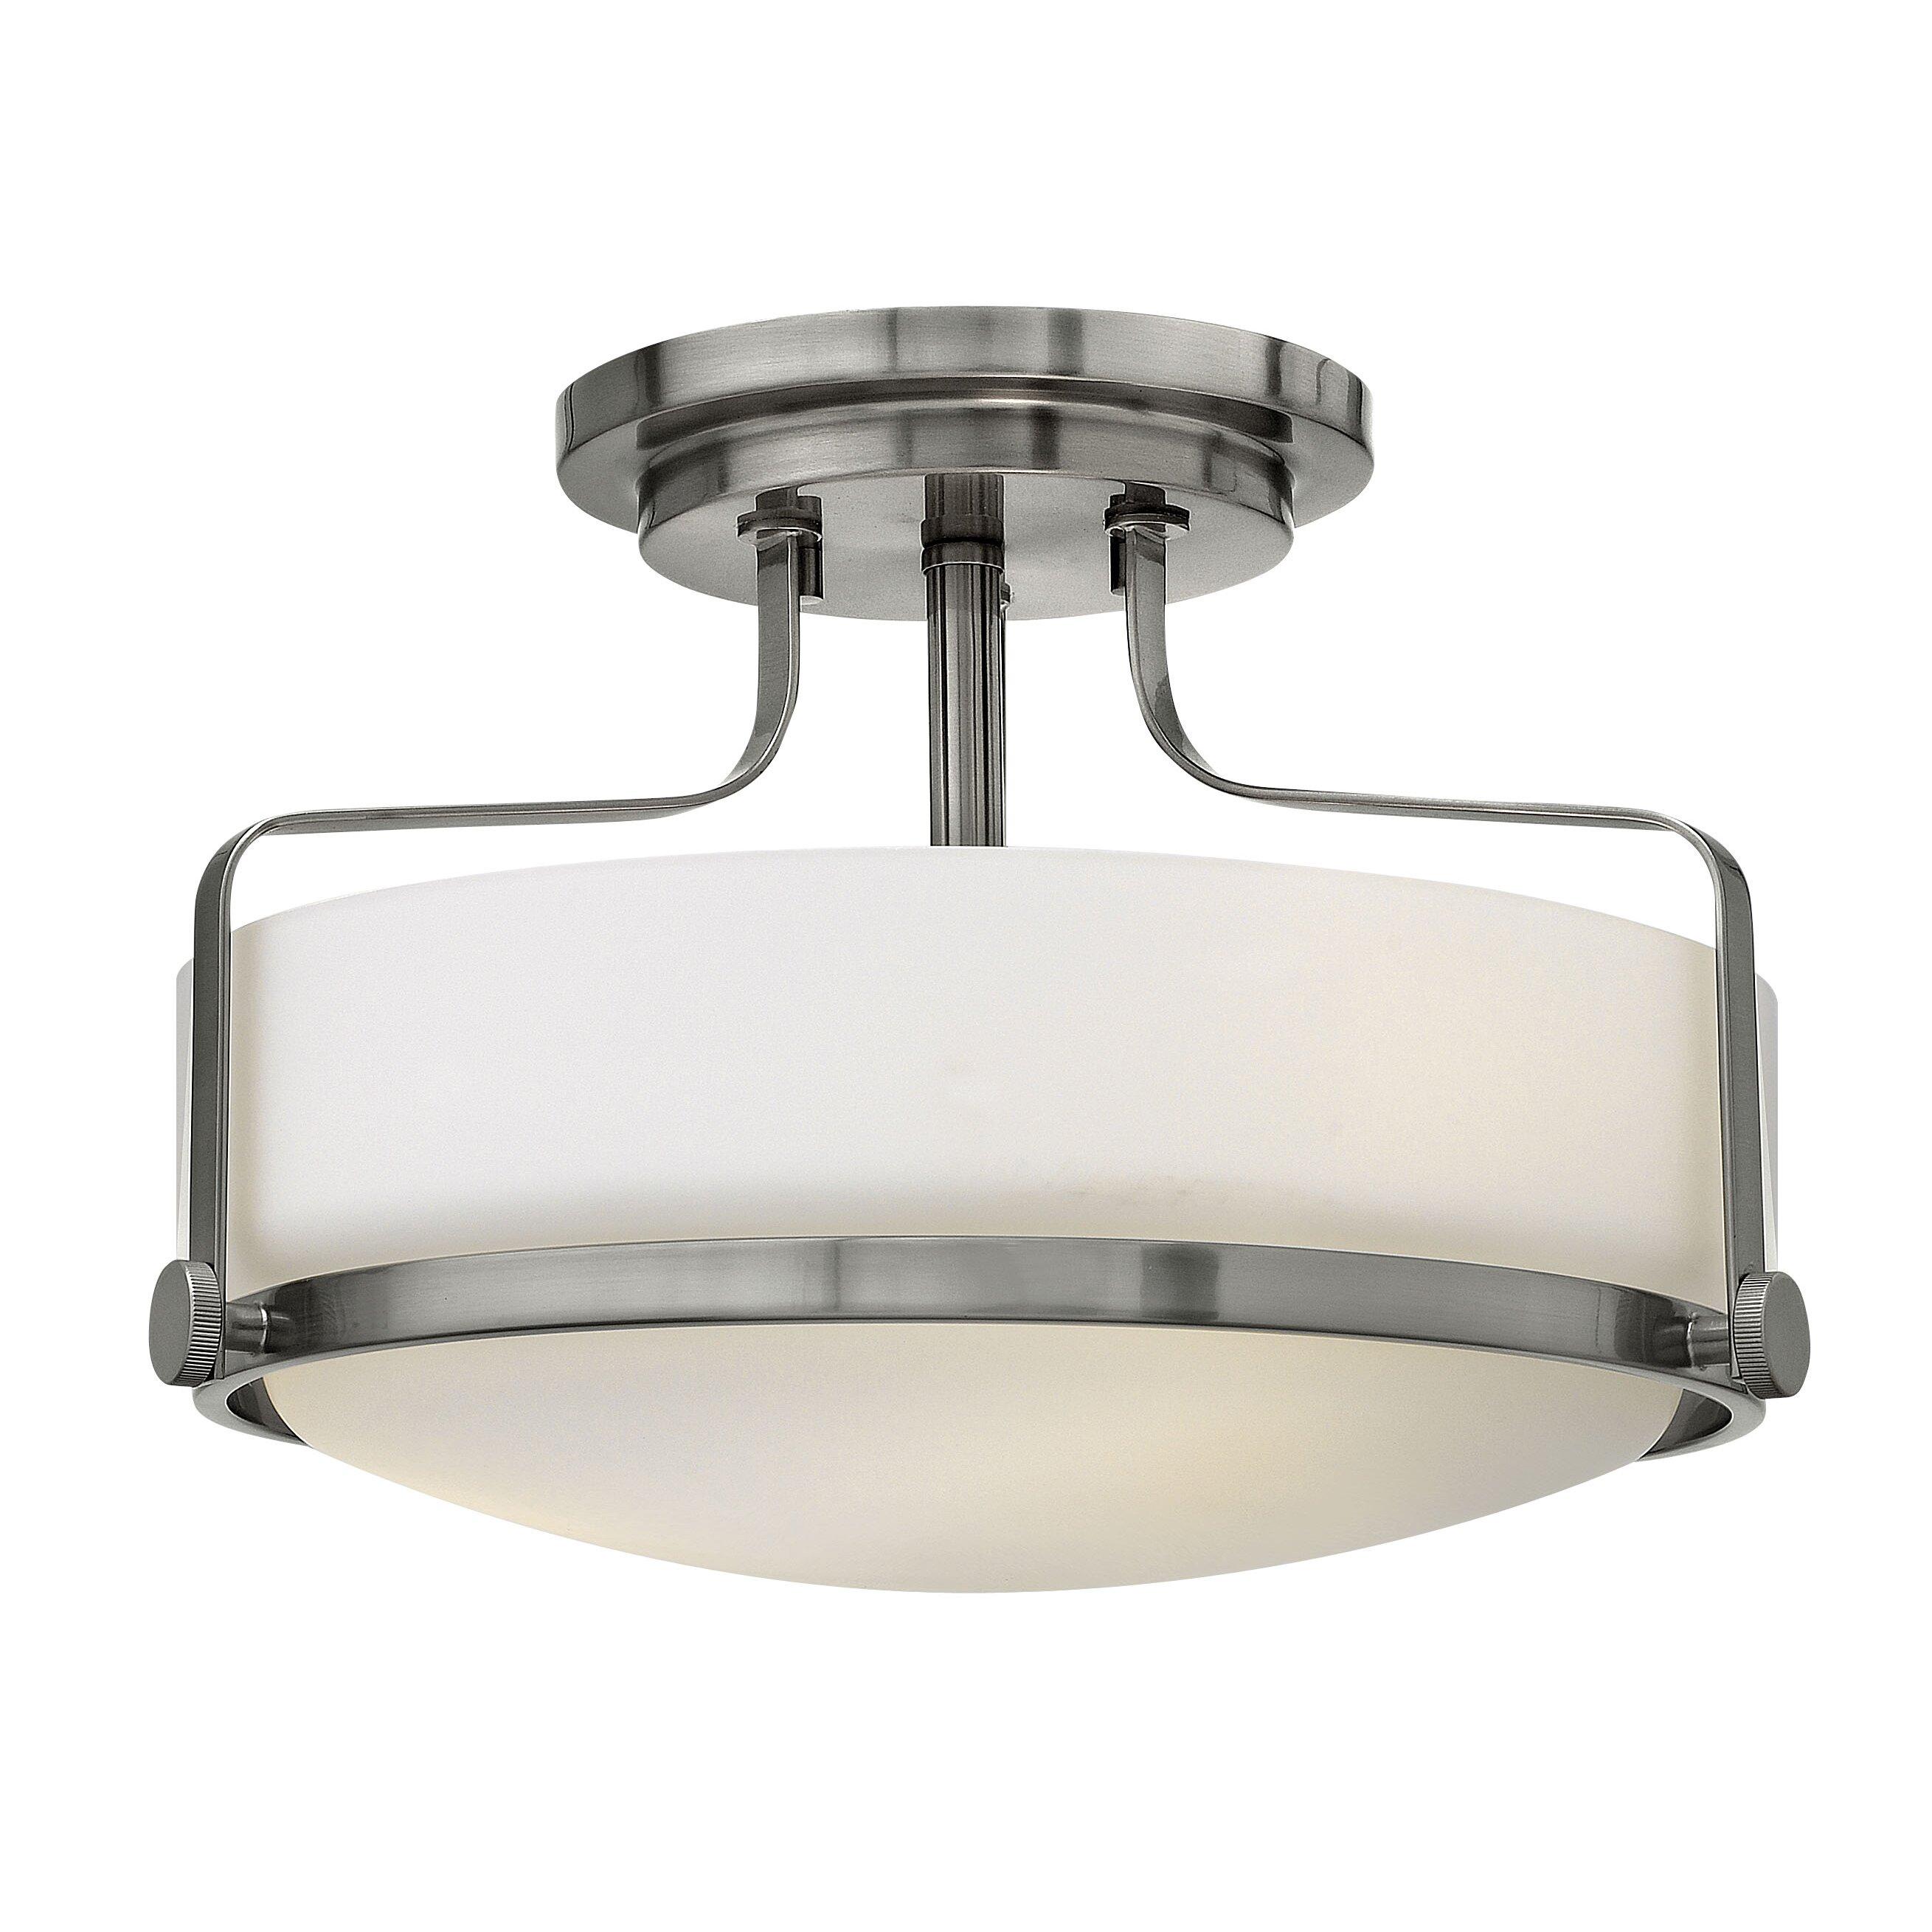 Foyer Lighting Flush Mount : Hinkley lighting harper light foyer flush mount